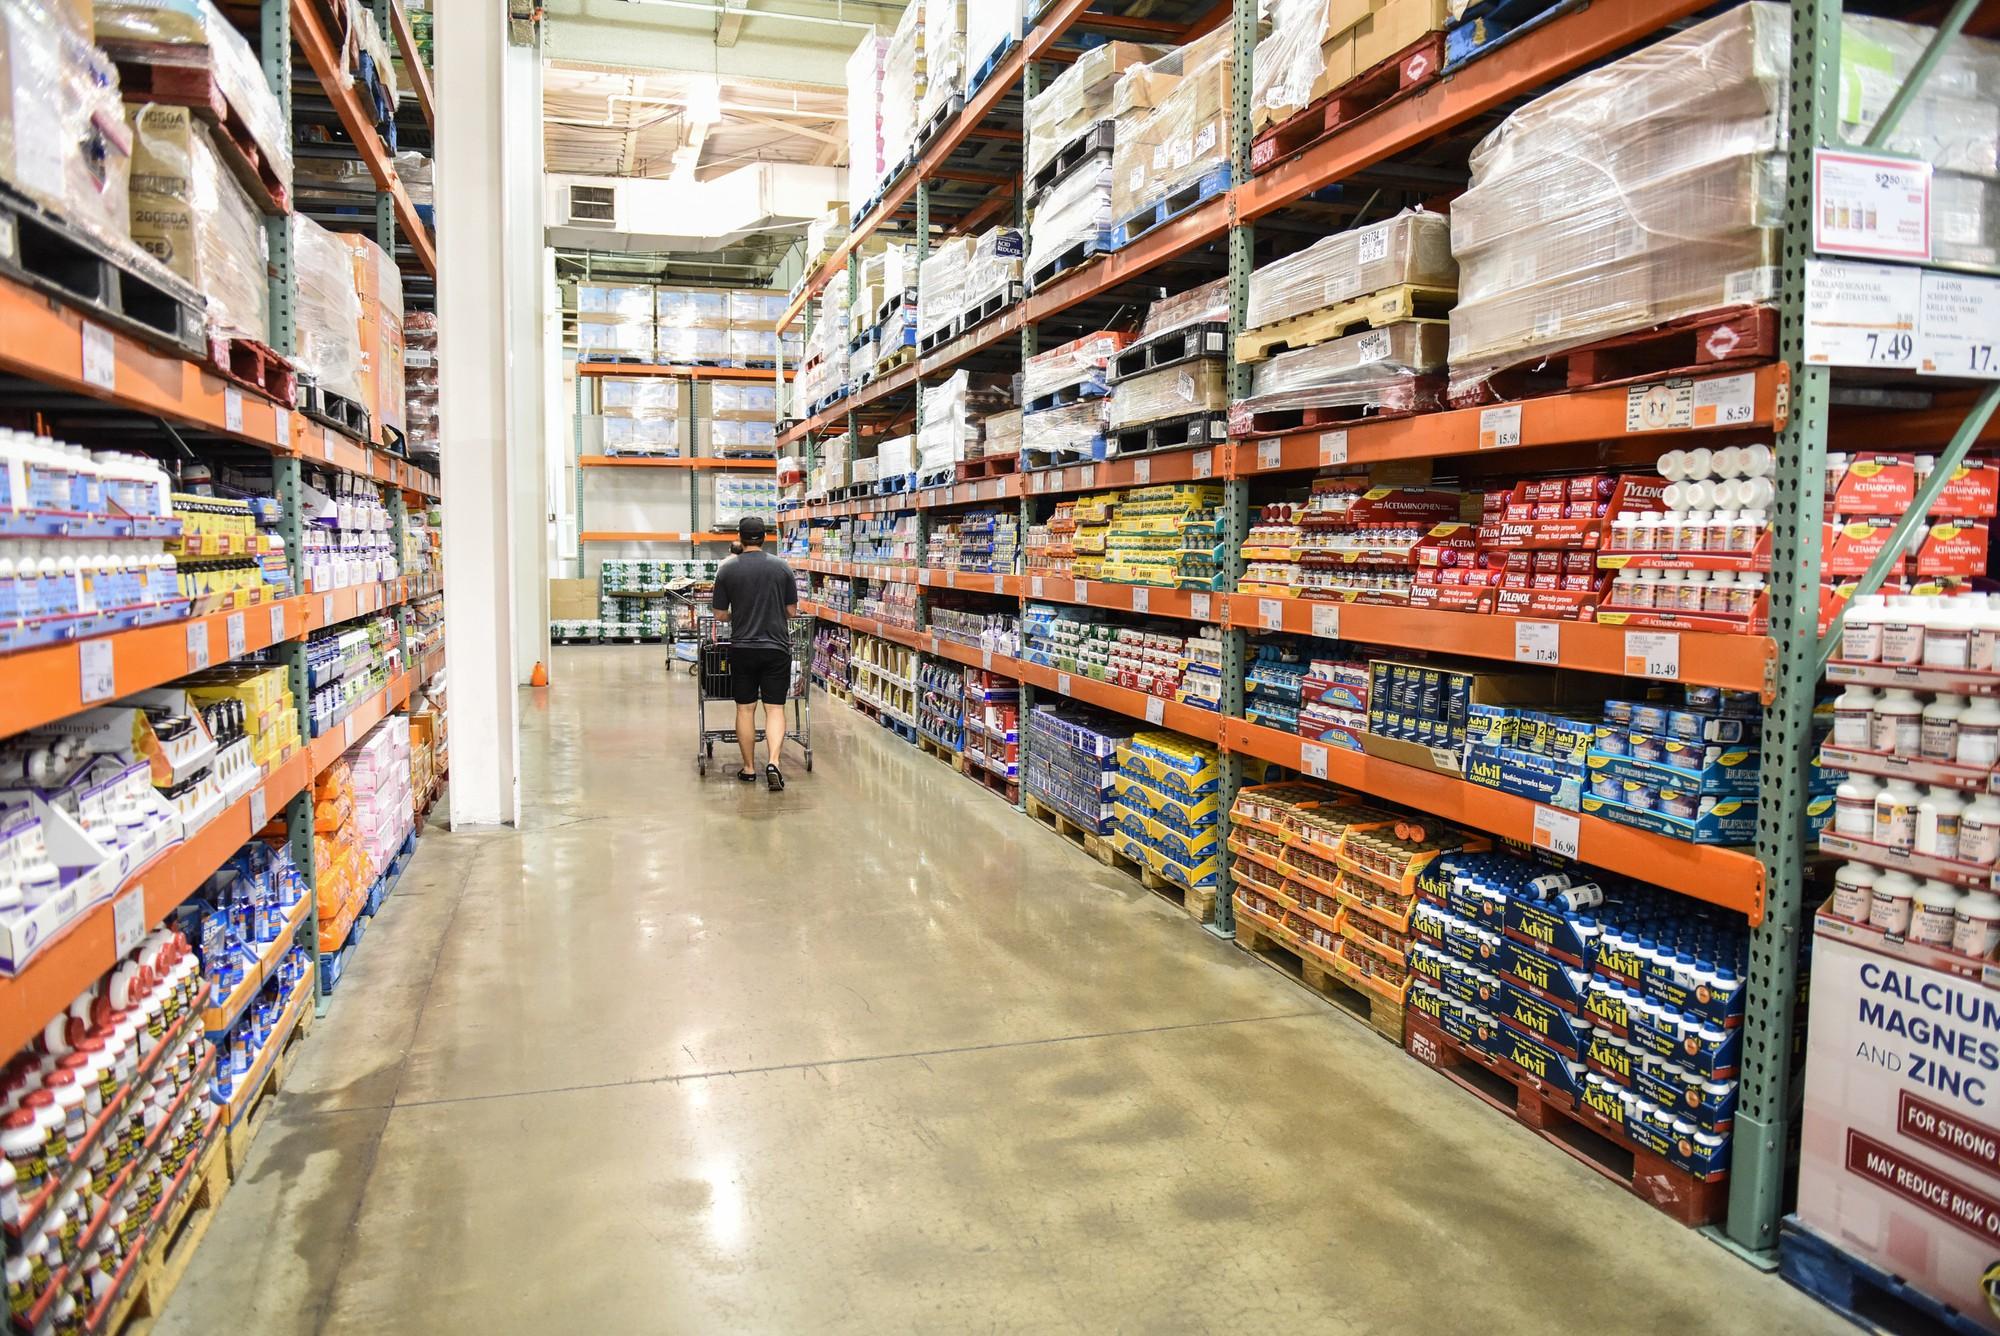 Đây là 10 bí mật mà các siêu thị luôn muốn giấu nhẹm khách hàng khi mua sắm - Ảnh 1.